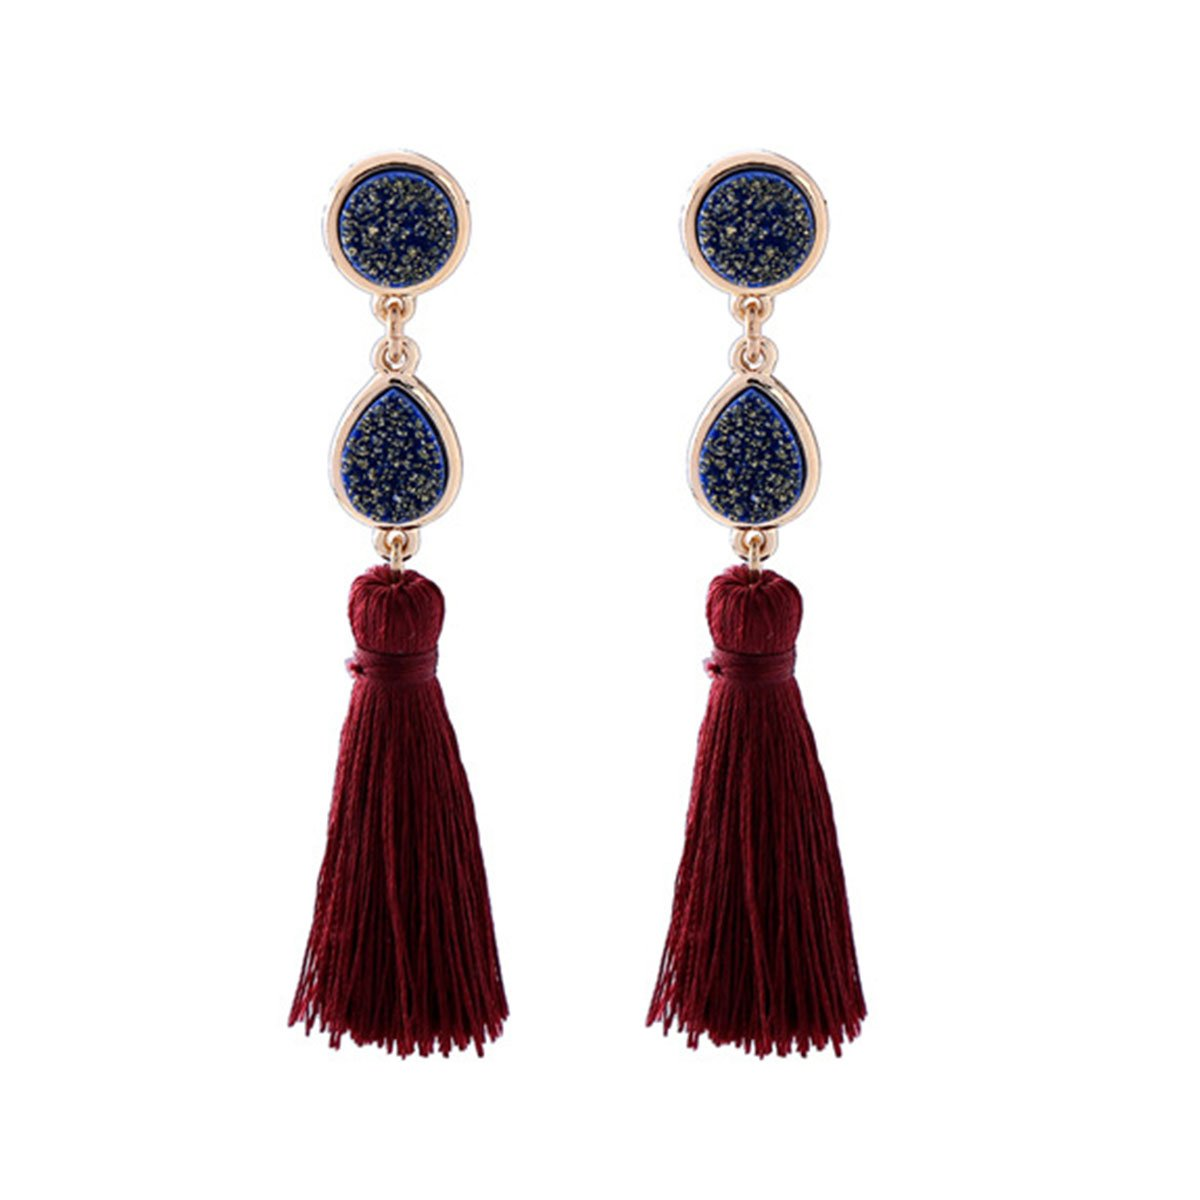 Women Vintage Earring Hollow Crystal Tassel Dangle Stud Earrings (Wine Red)